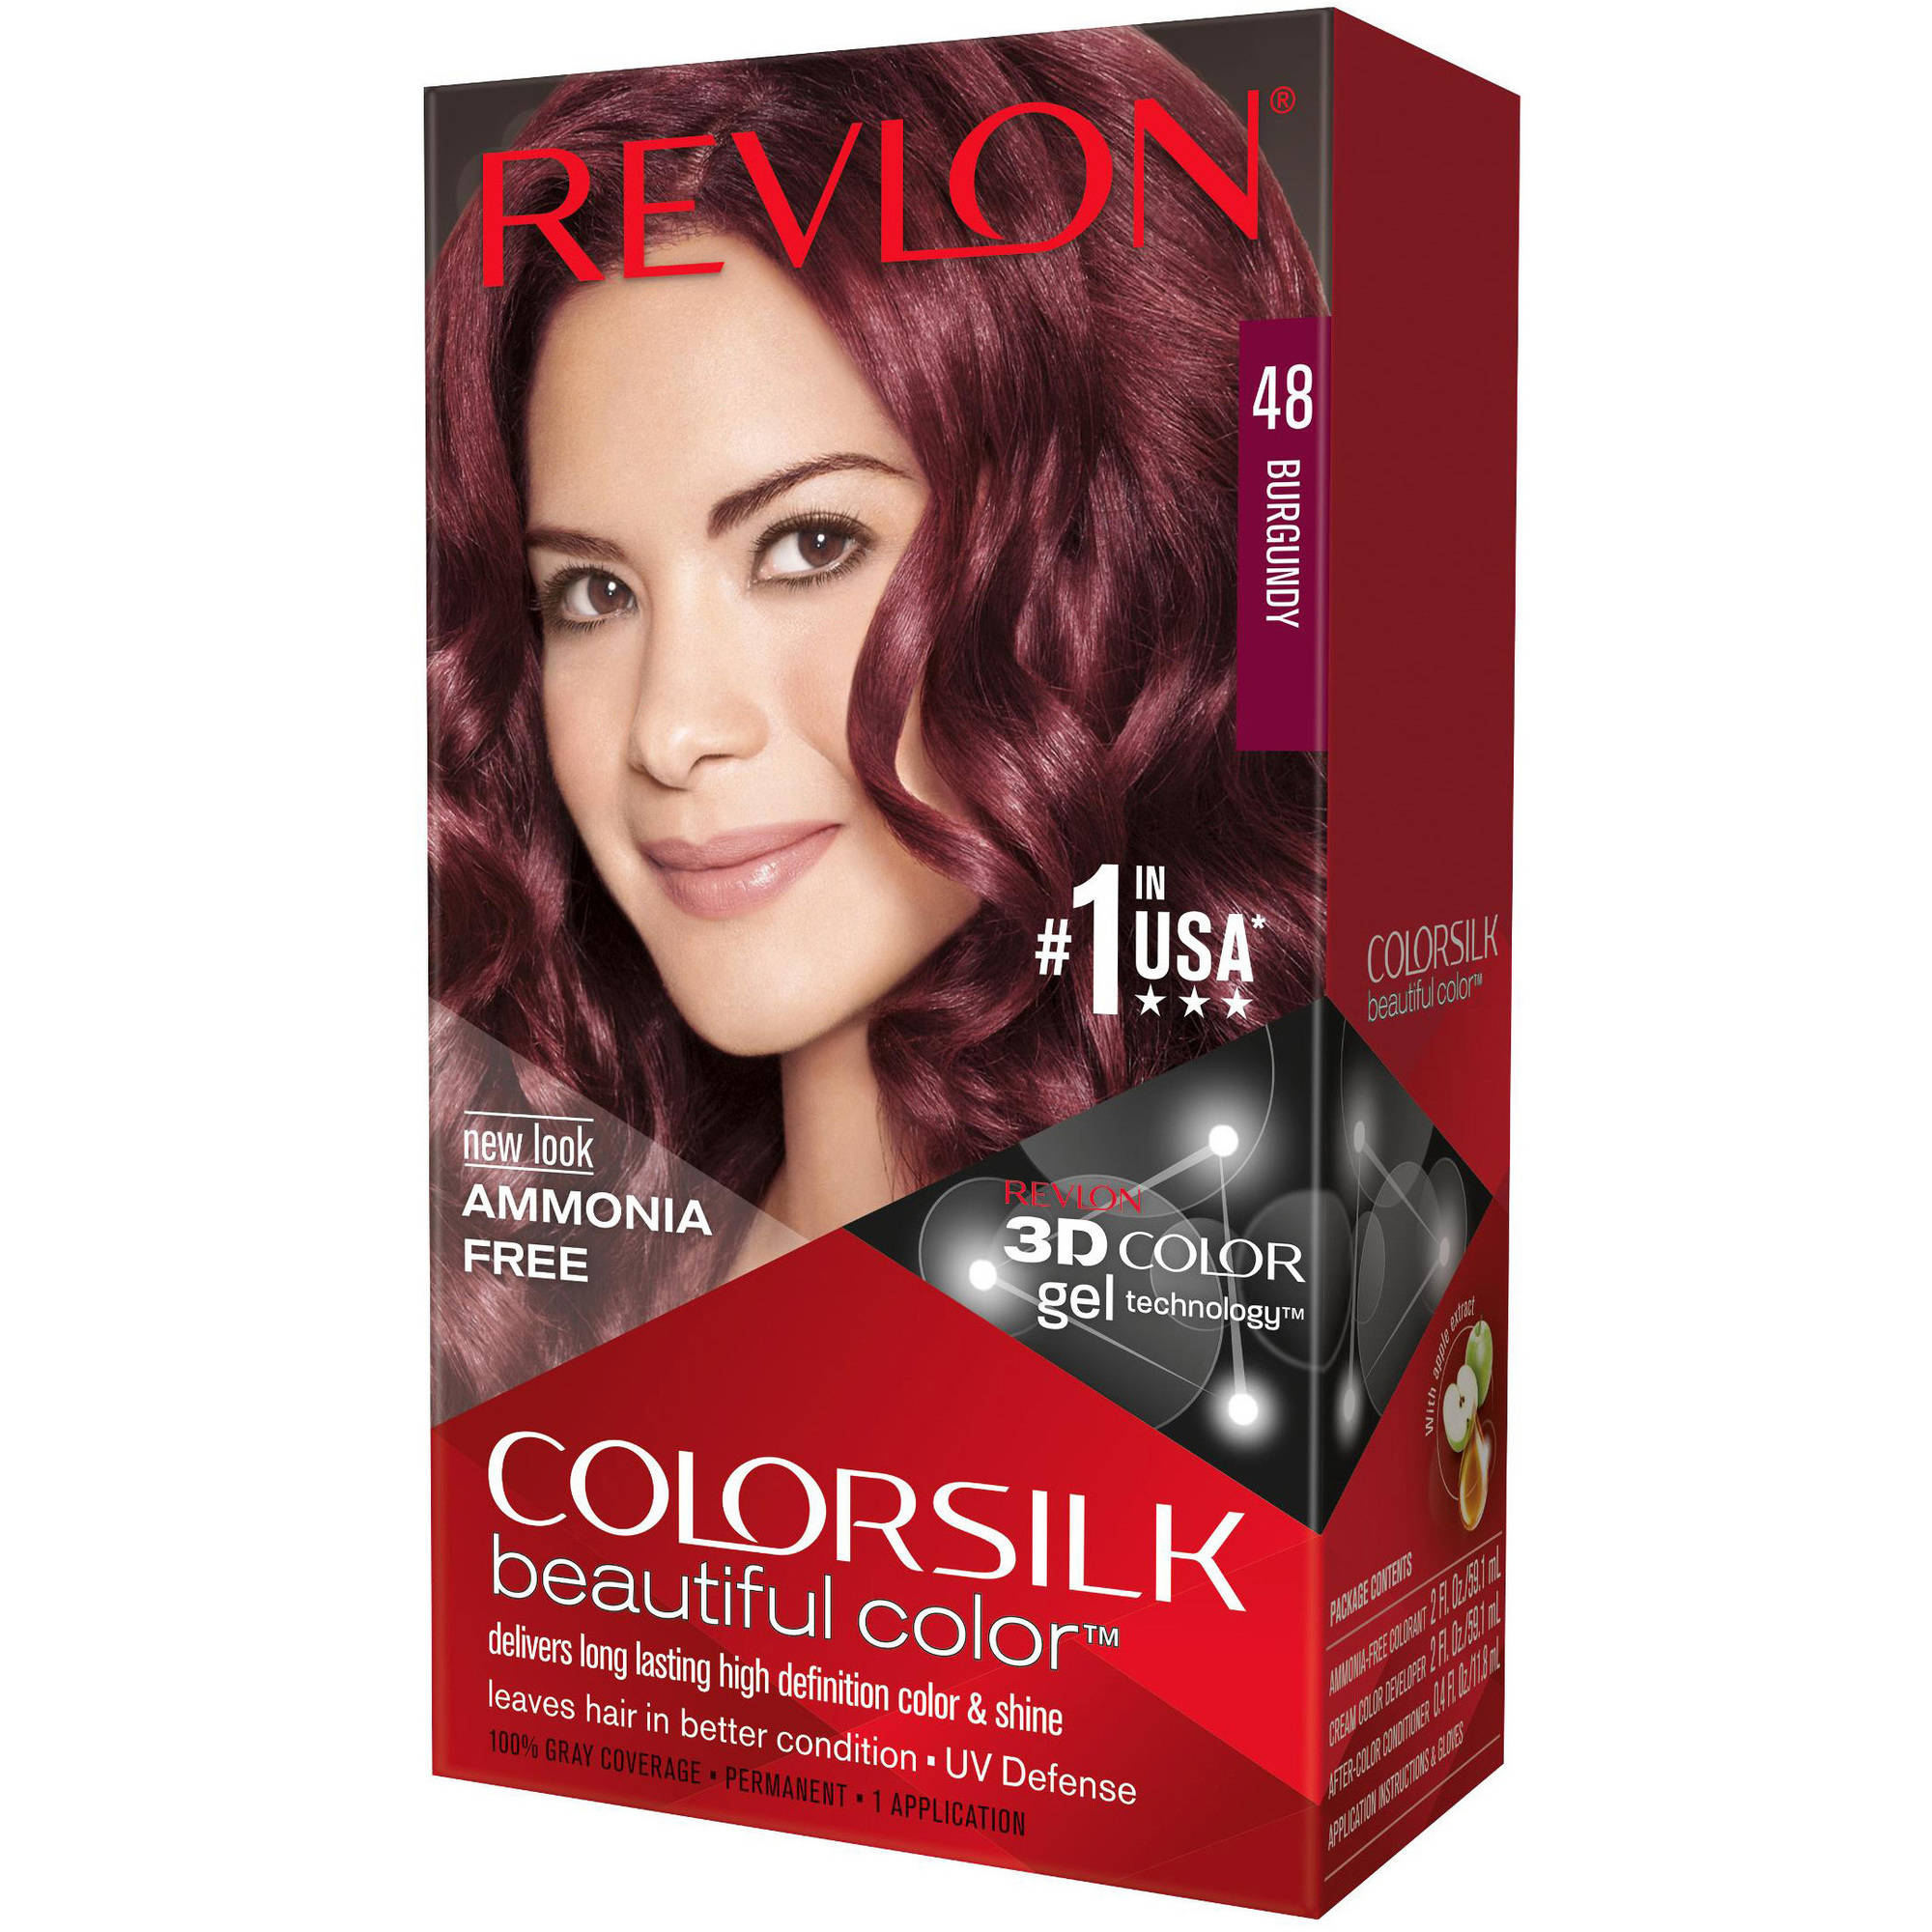 Revlon Colorsilk Beautiful Color Permanent Hair Color, 48 Burgundy